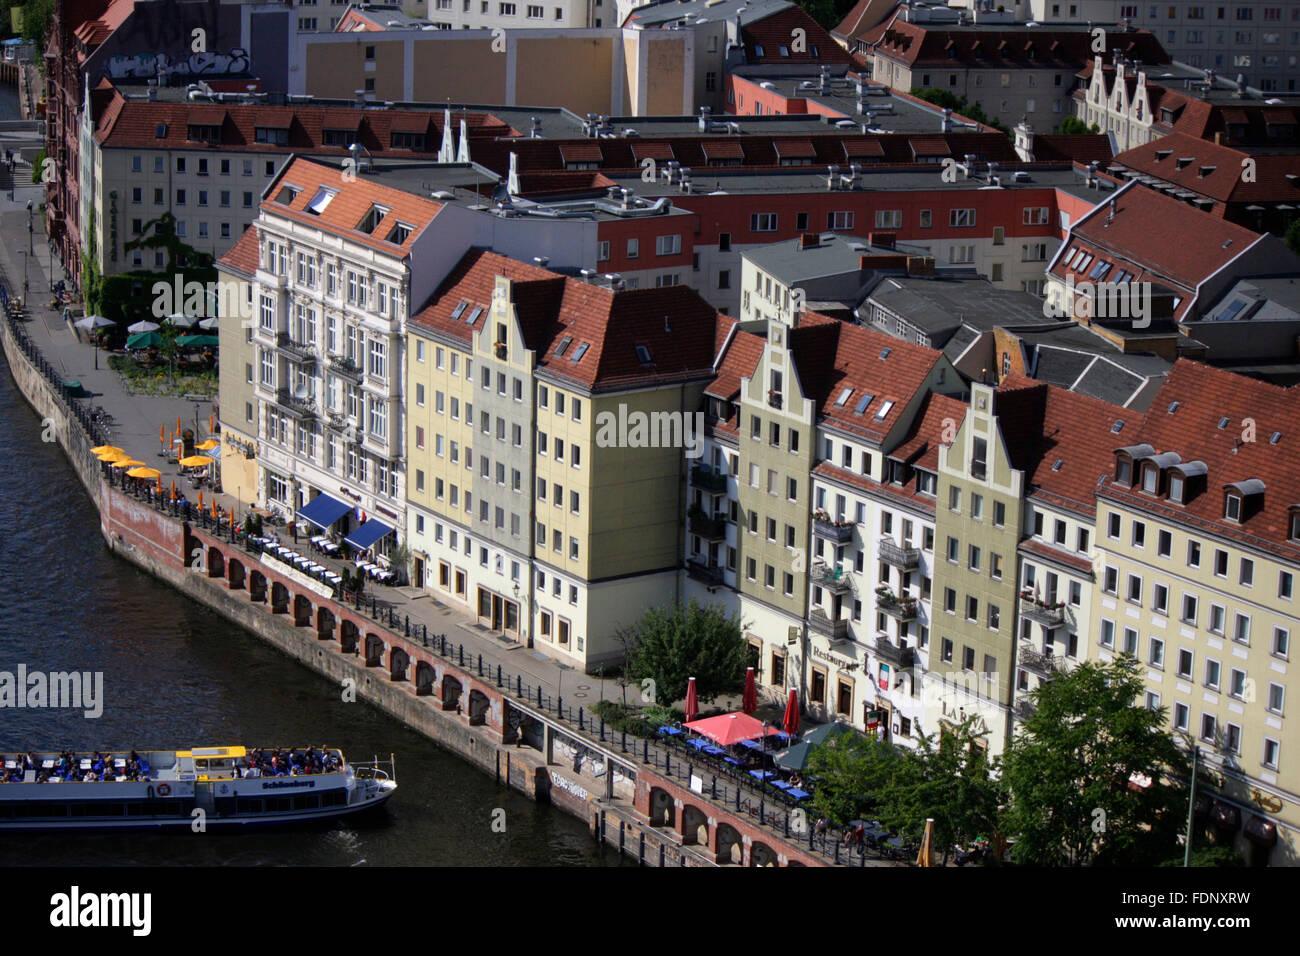 Luftbild: Fischerinsel, Berlin. - Stock Image